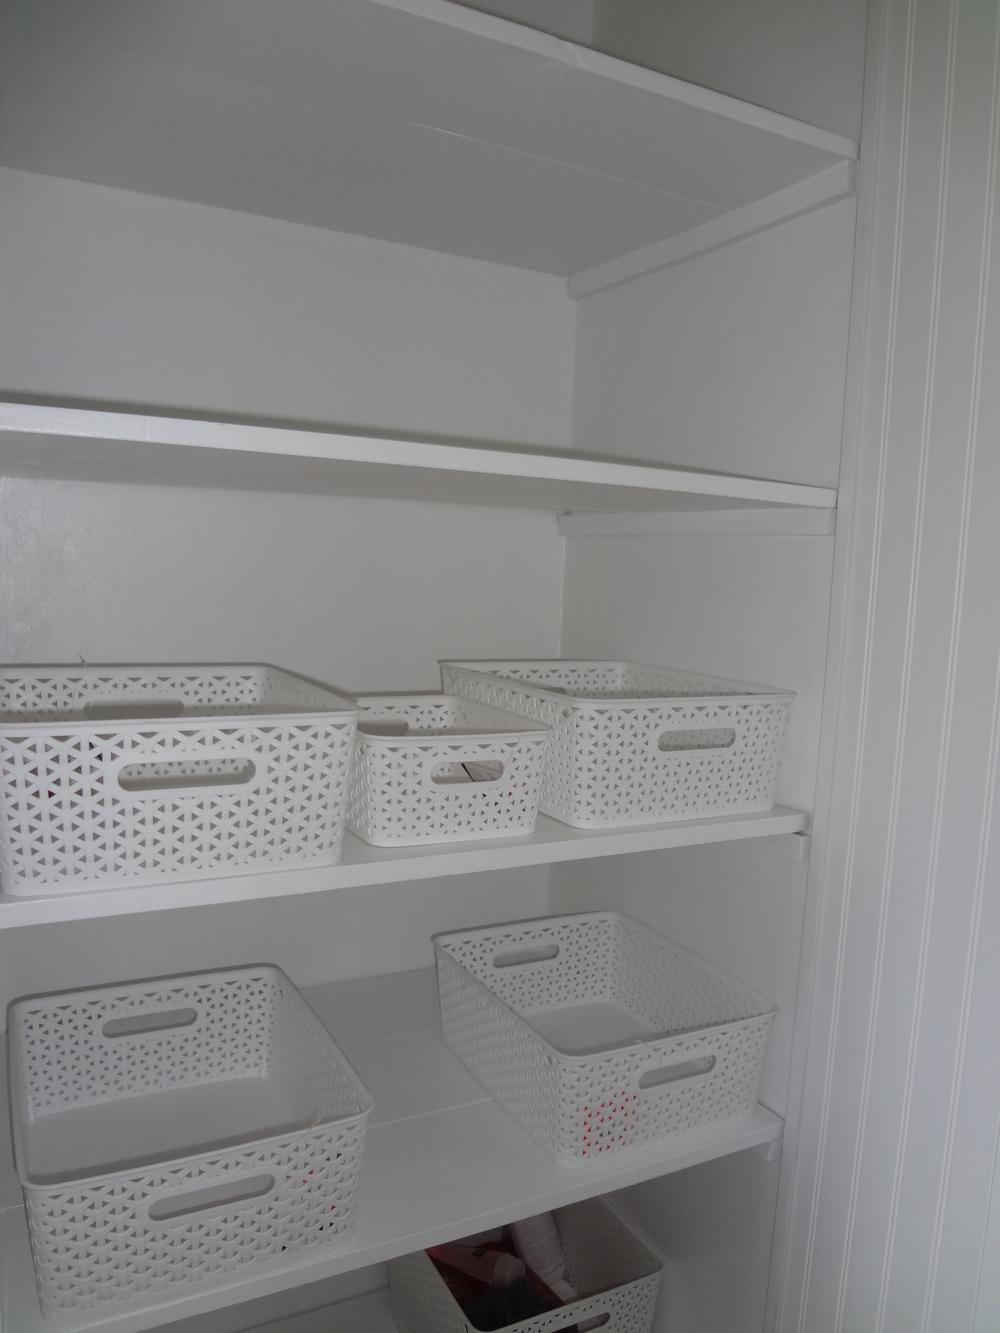 A new linen closet with shelves.